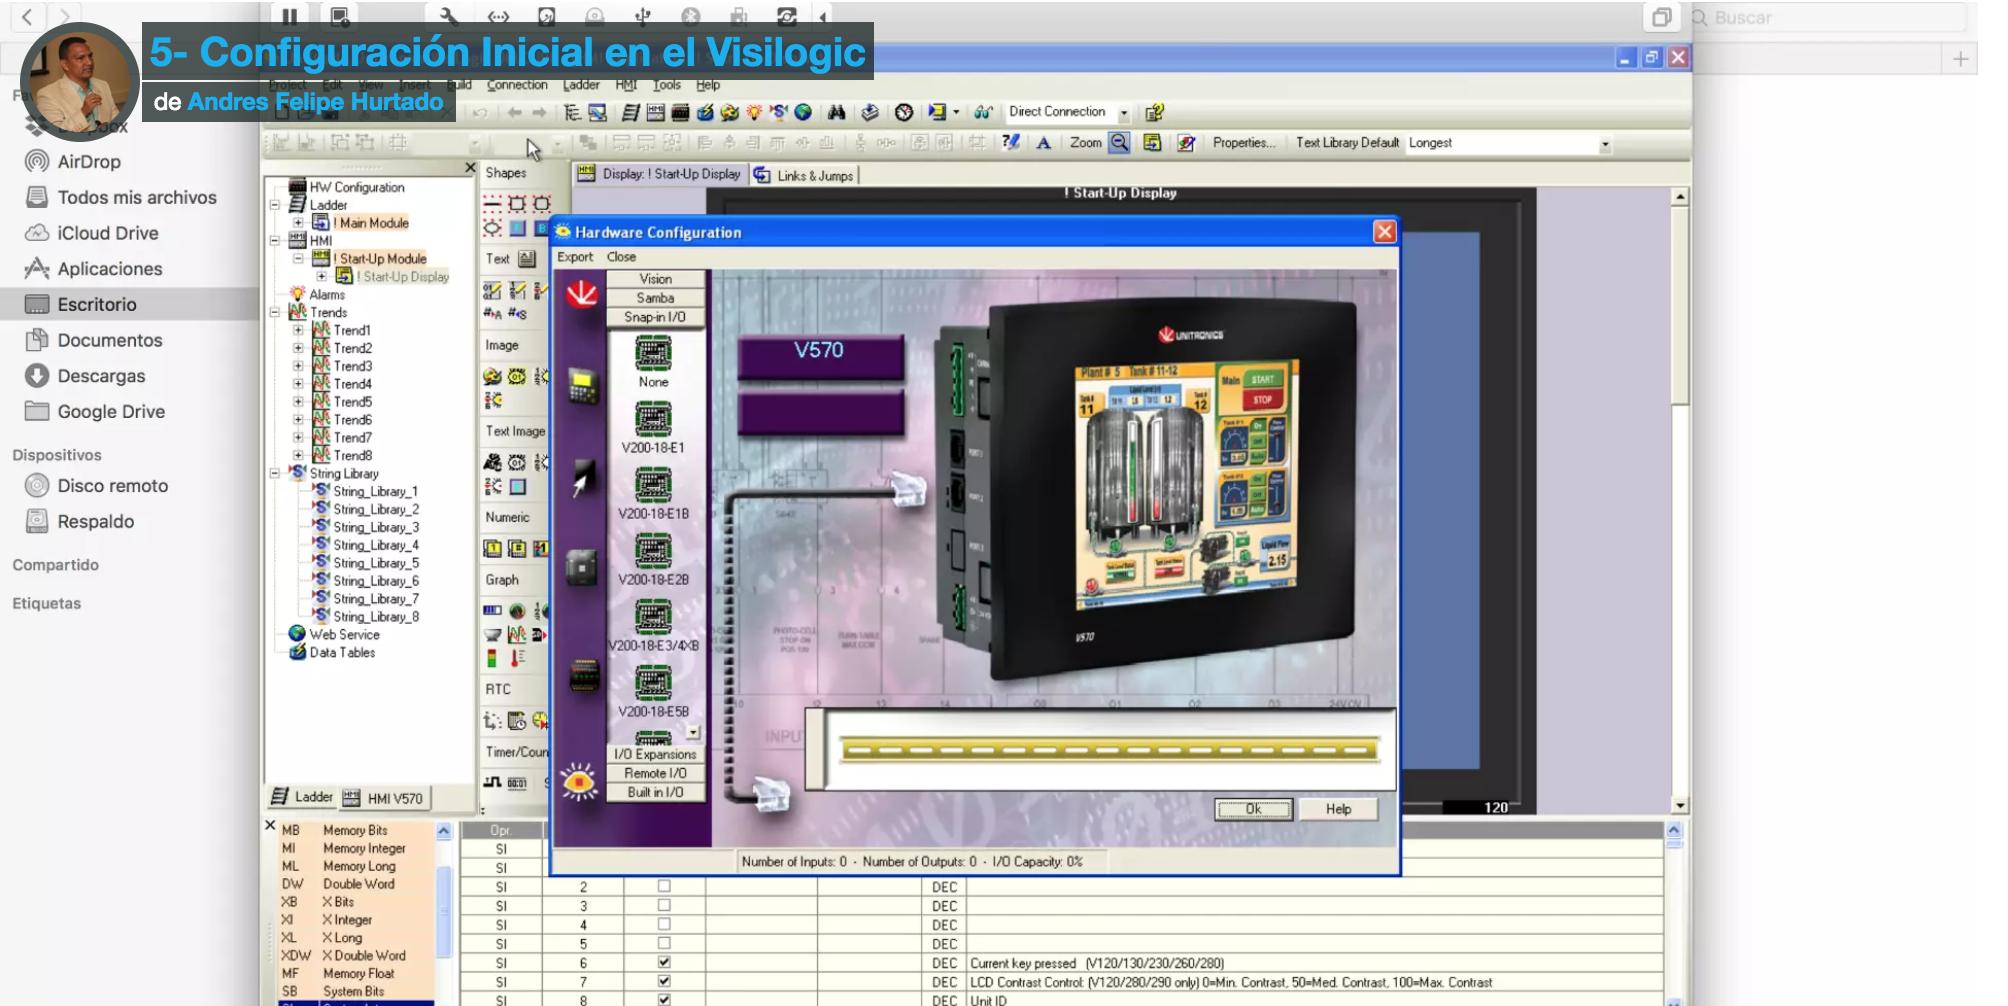 Configuración inicial en el Visilogic- cursos en línea en eeymuc de automatización industrial